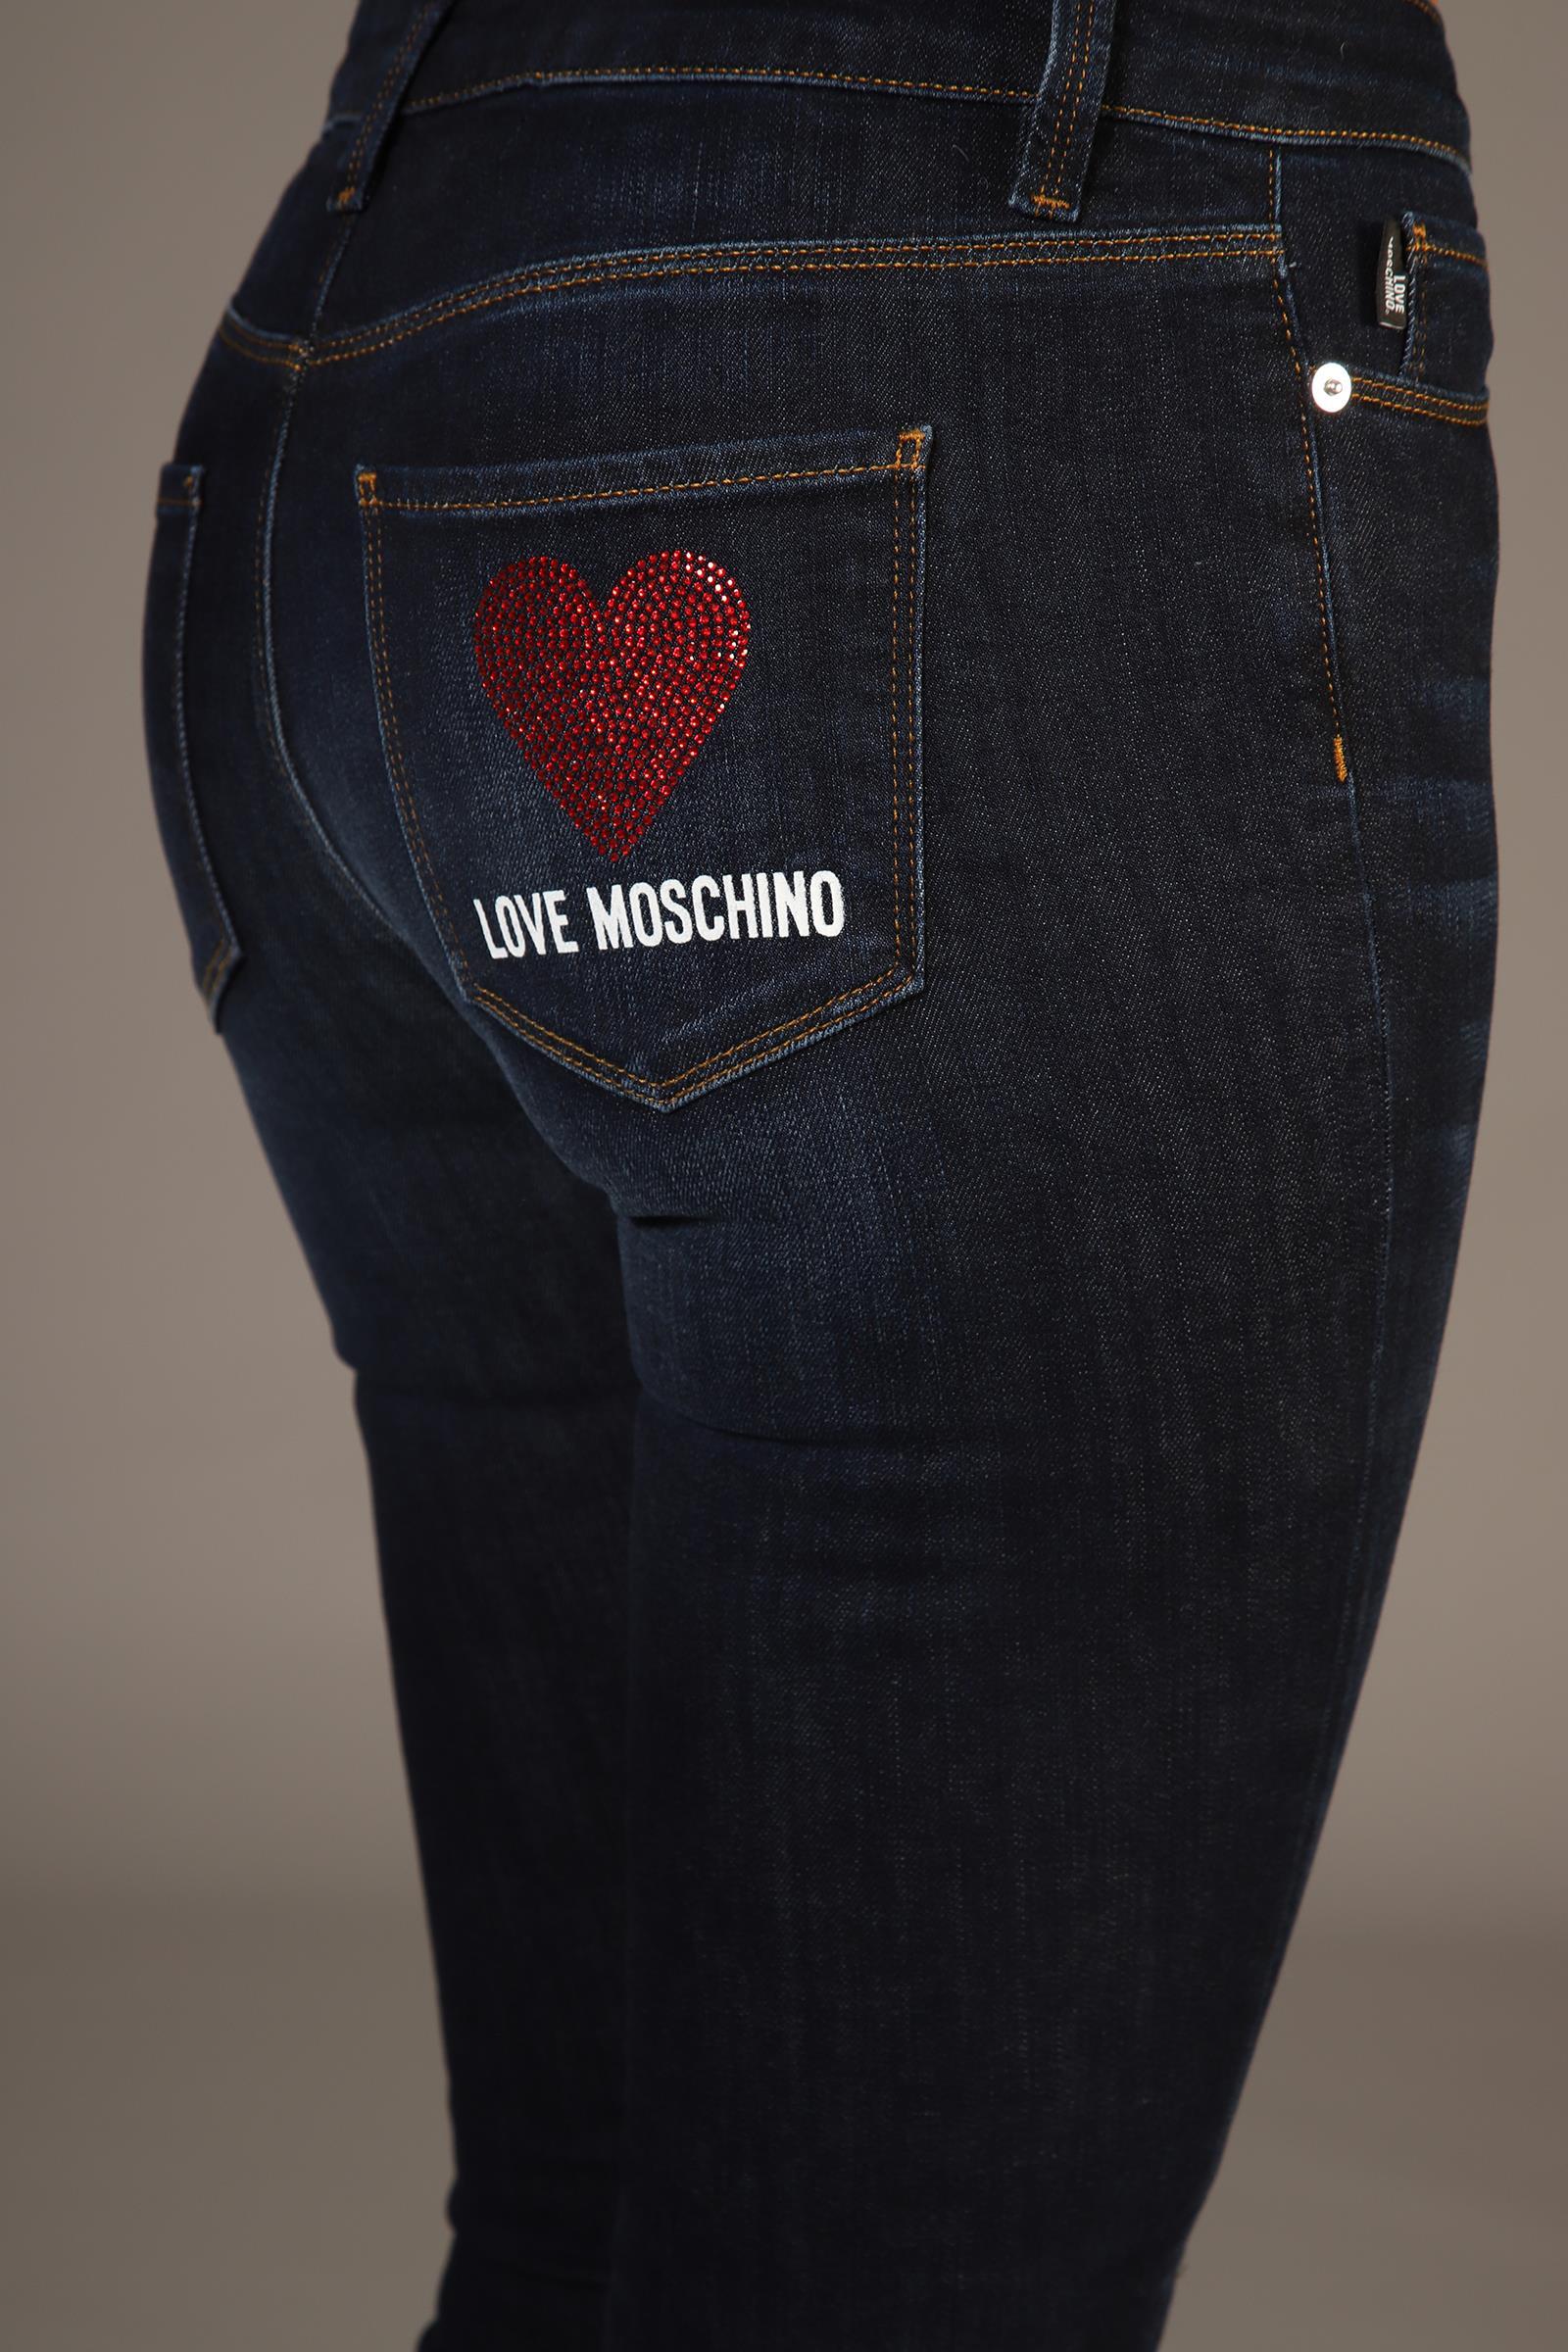 e3fa140a4f Jeans Love Moschino. - love MOSCHINO - DayDreamStore